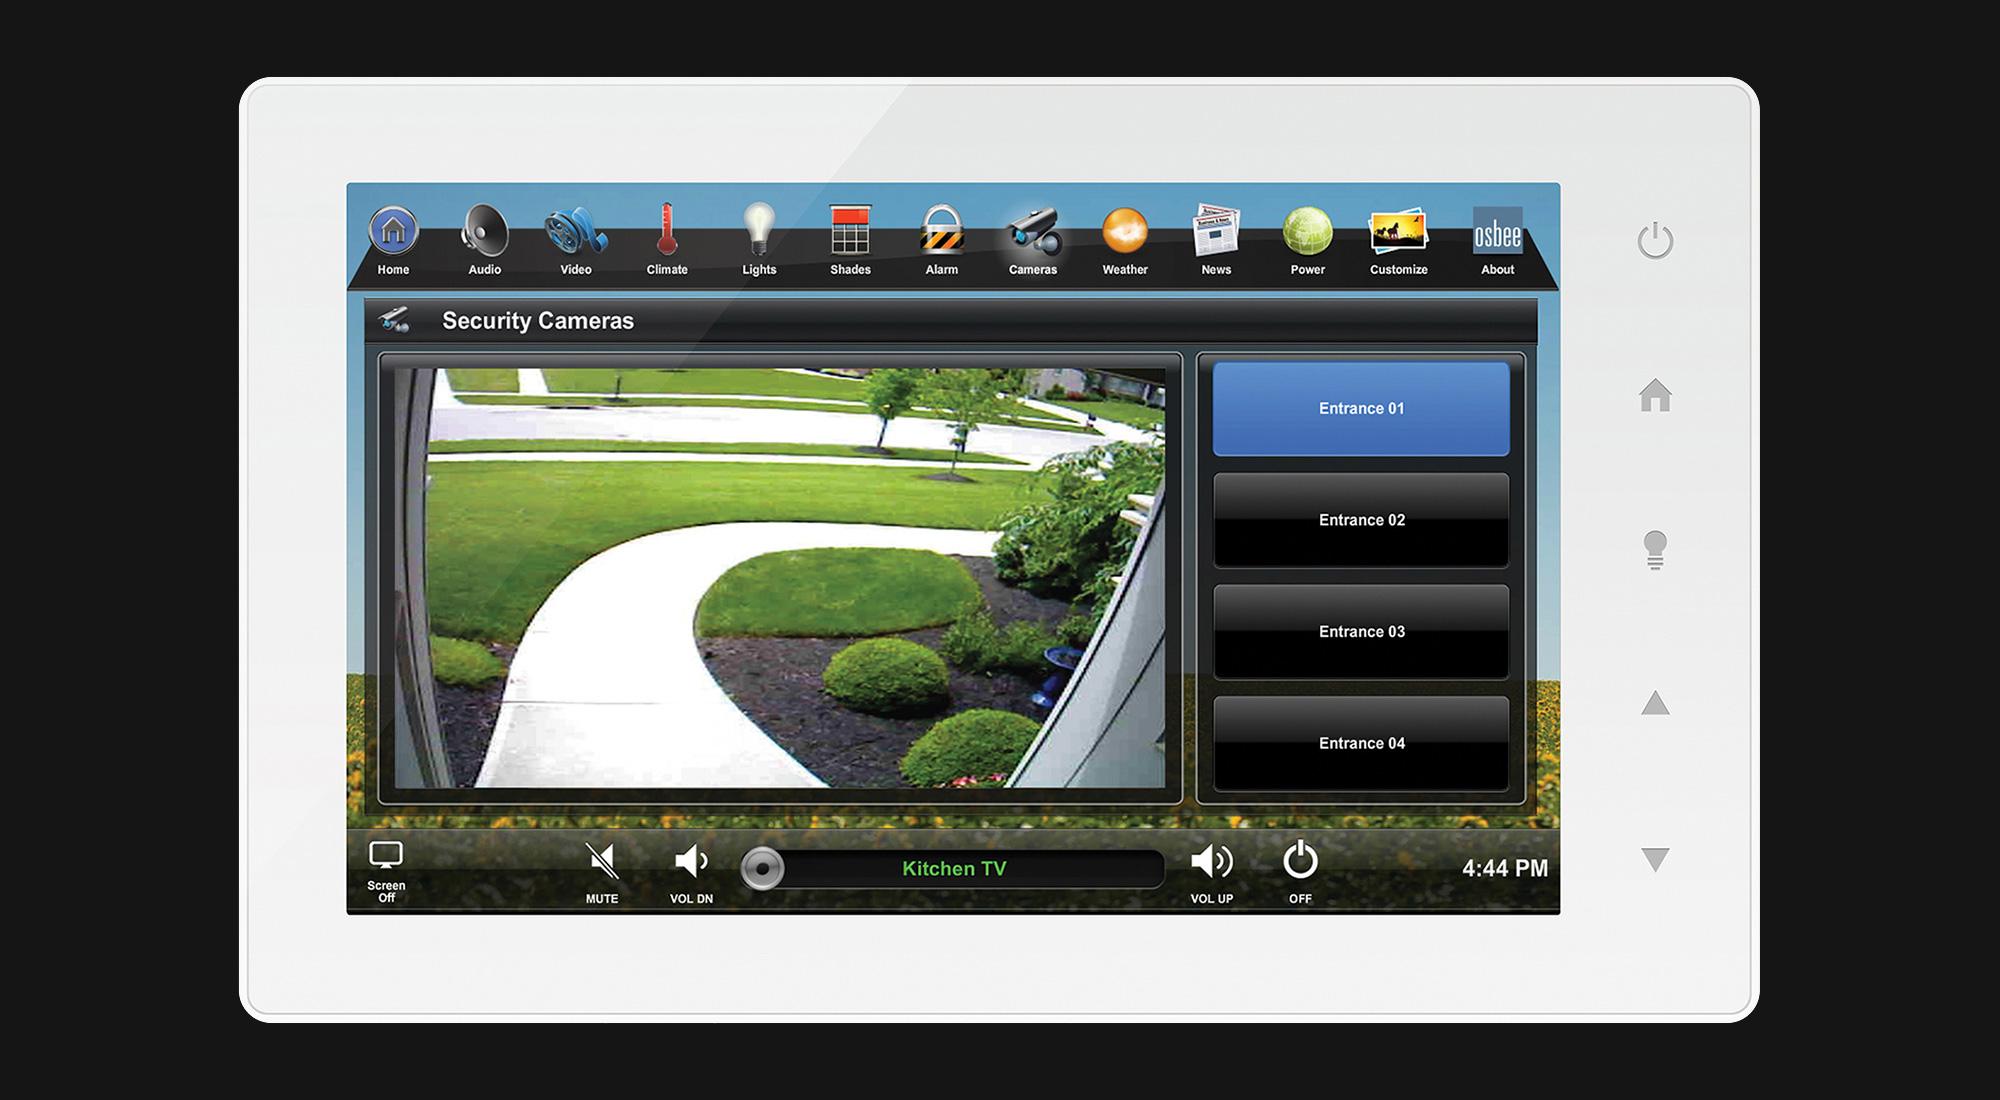 touchscreen, cameras screen